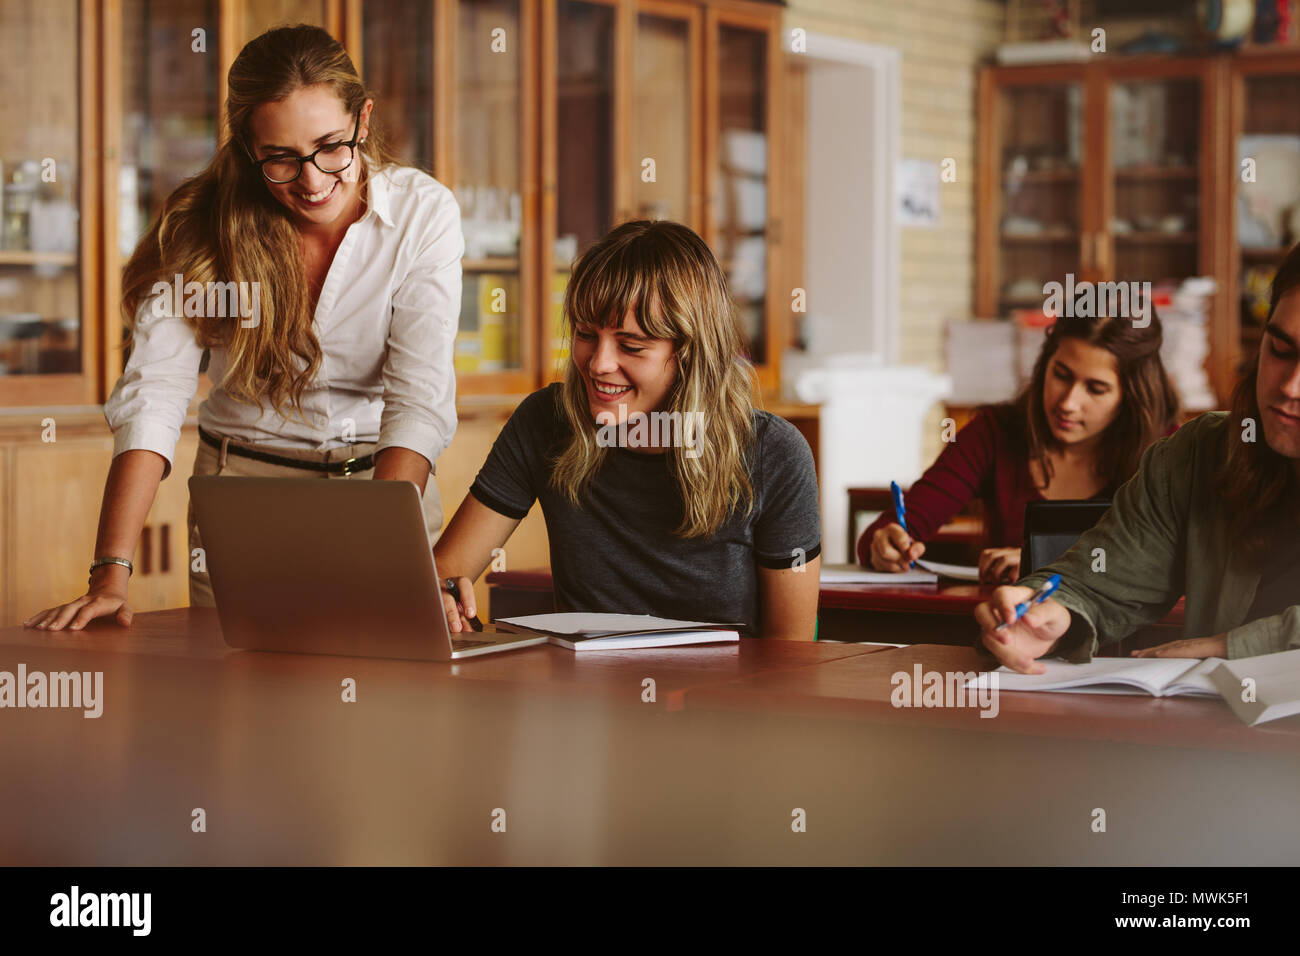 Profesor feliz ayudando a su estudiante en la escuela secundaria. Mujer con portátil con su maestro de pie y sonriente en el aula. Foto de stock